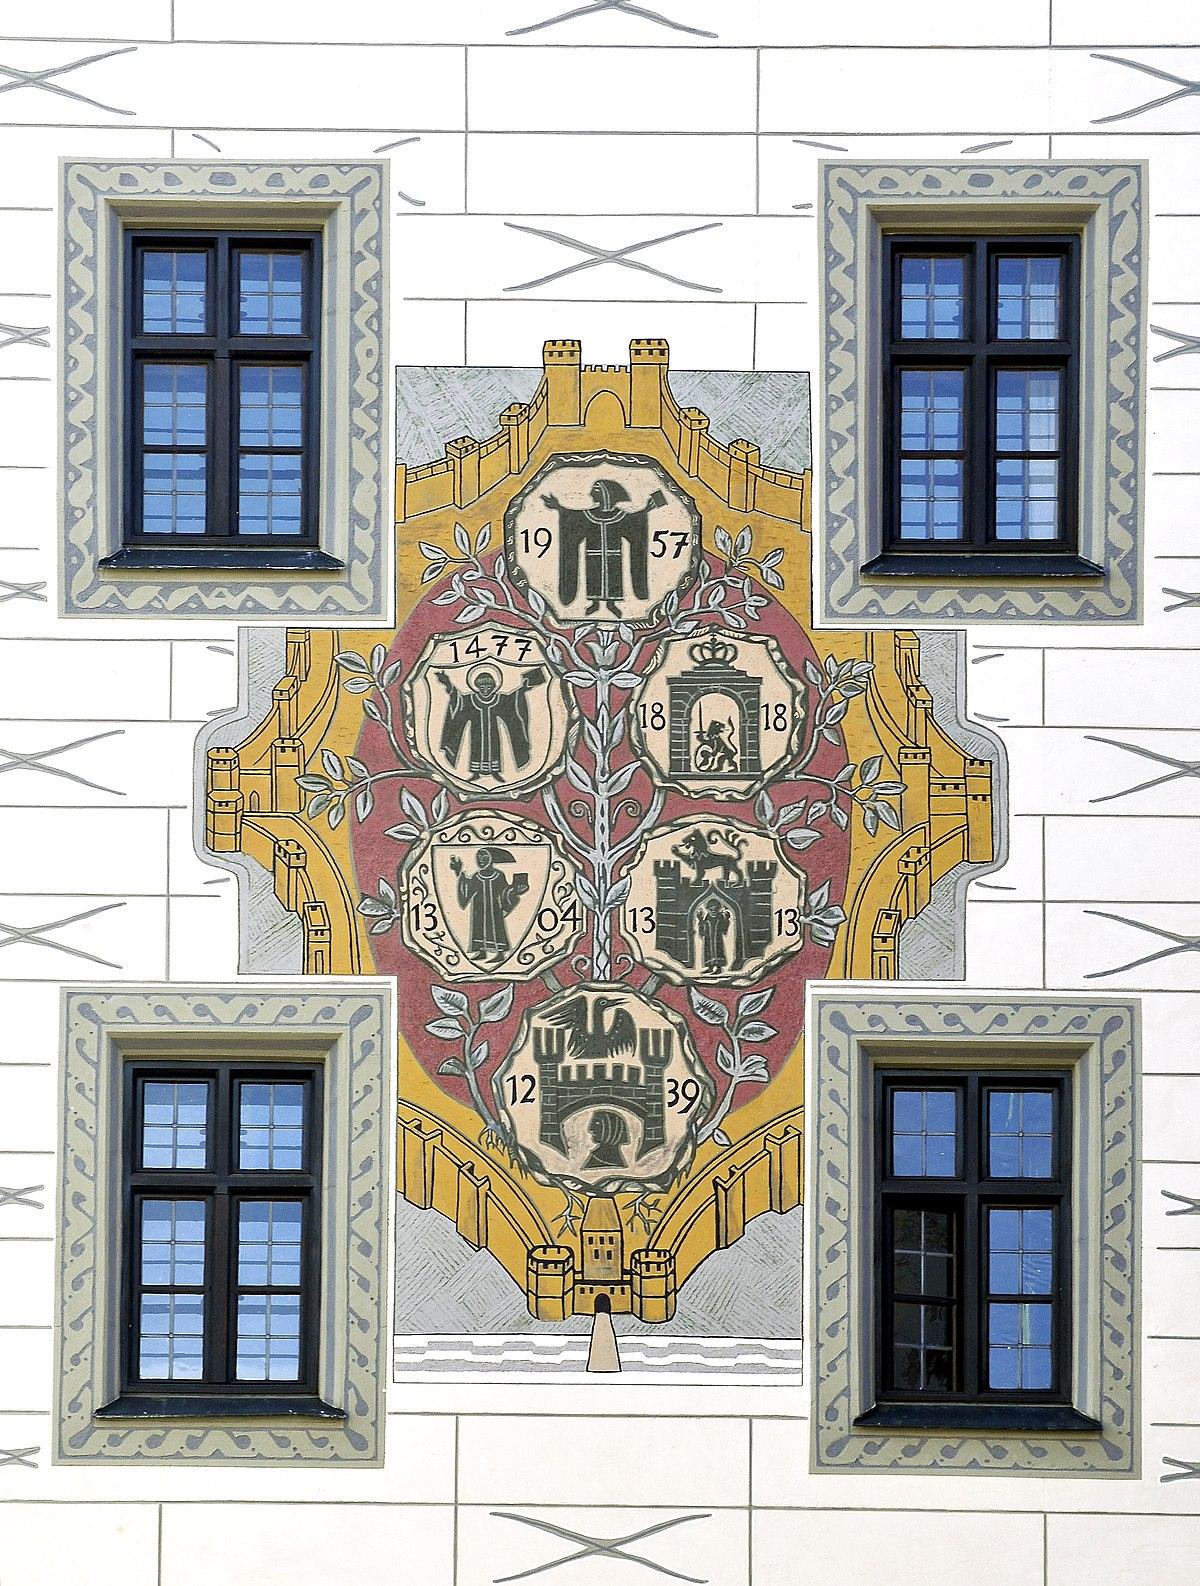 File:Munich, Antiguo Ayuntamiento 2.jpg - Wikimedia Commons